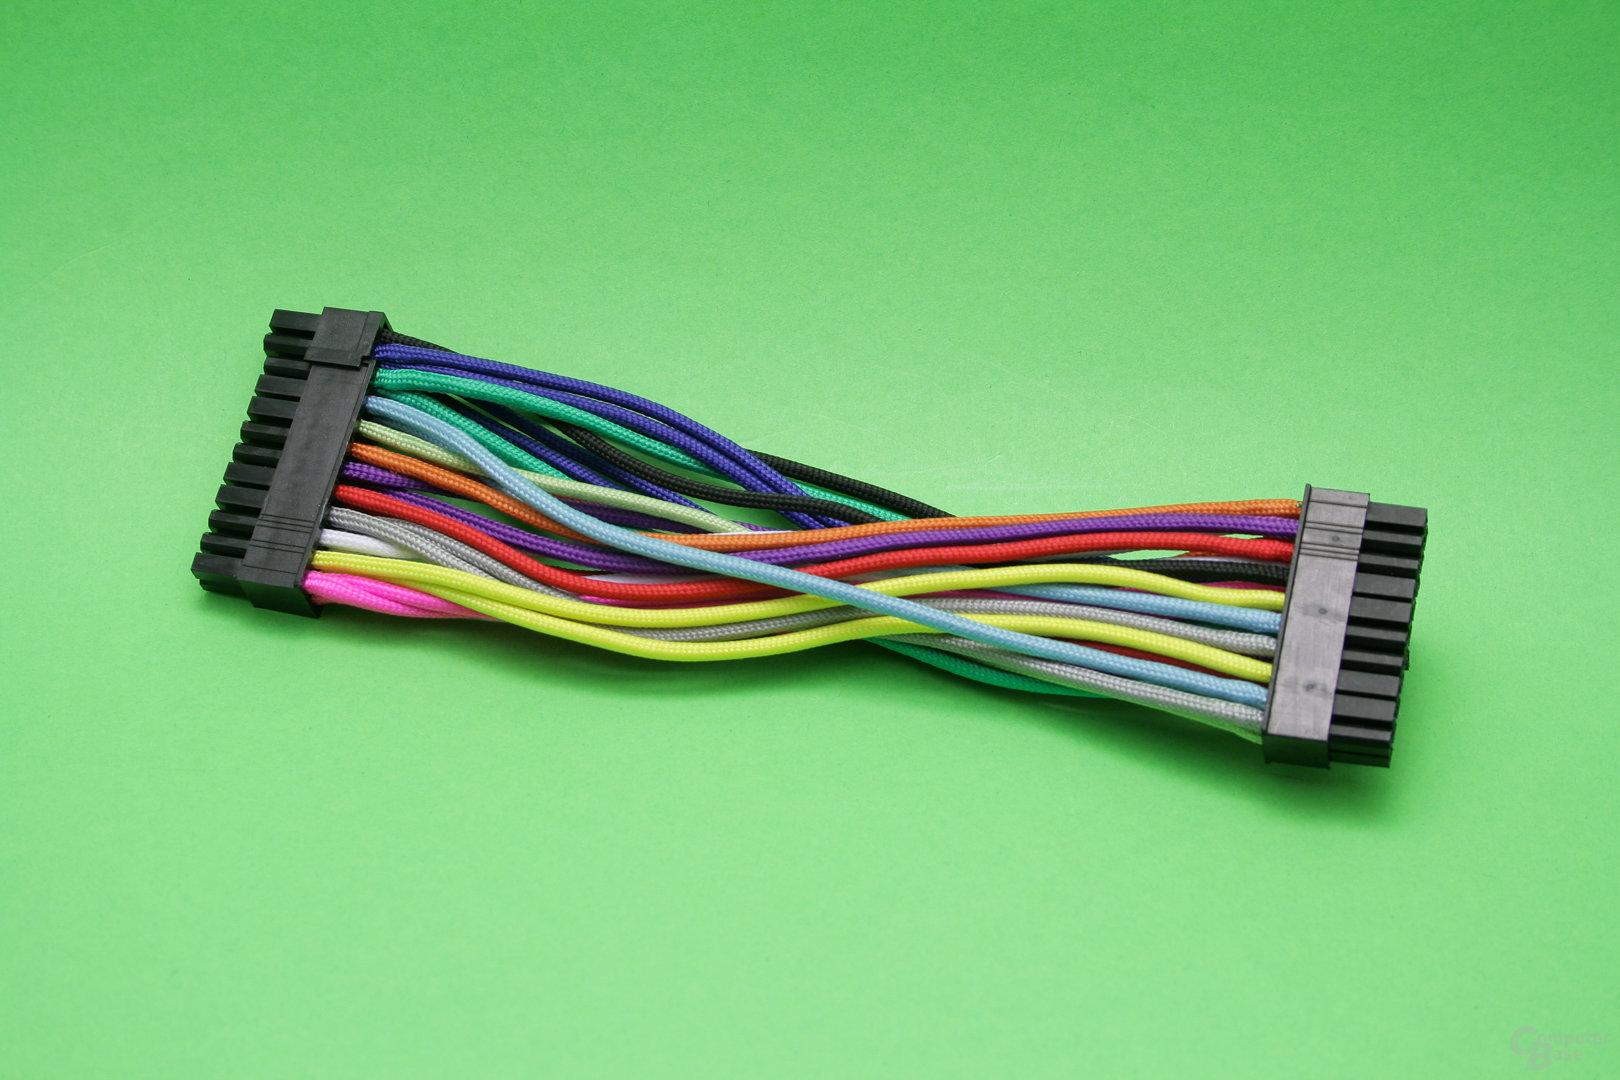 CableMod 24-Pin ATX-Kabel in zwölf Farben